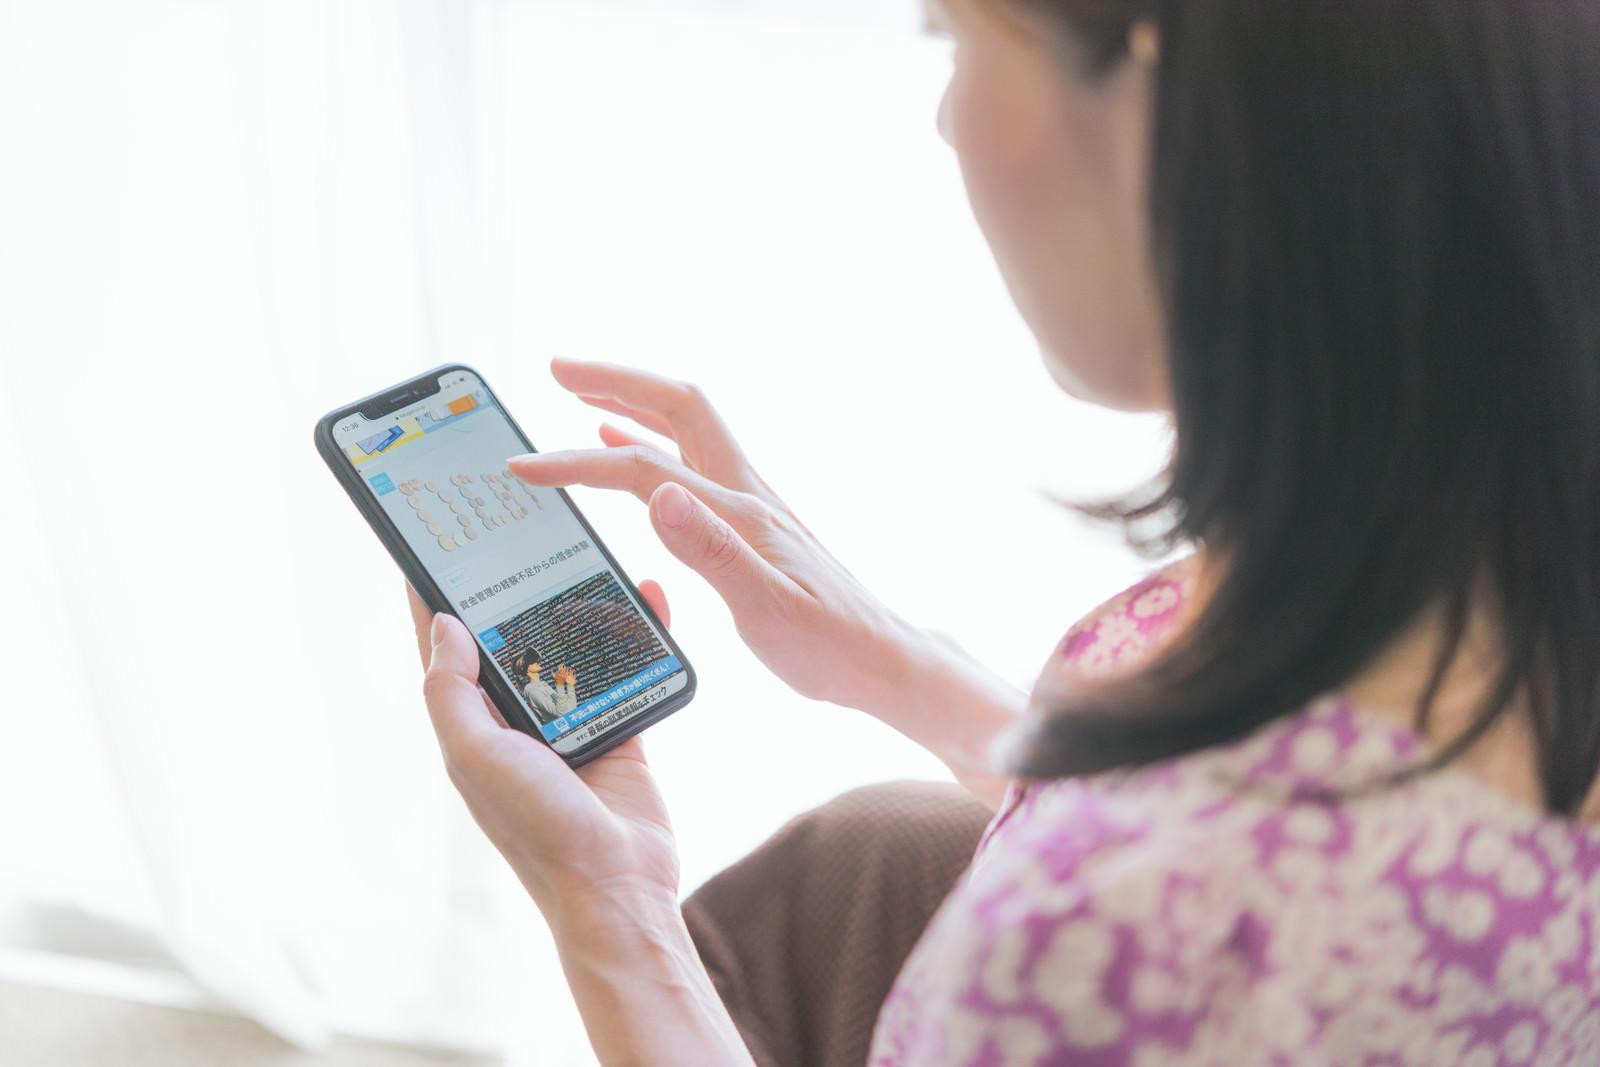 「スマホで副業関連のニュースをチェックする女性」の写真